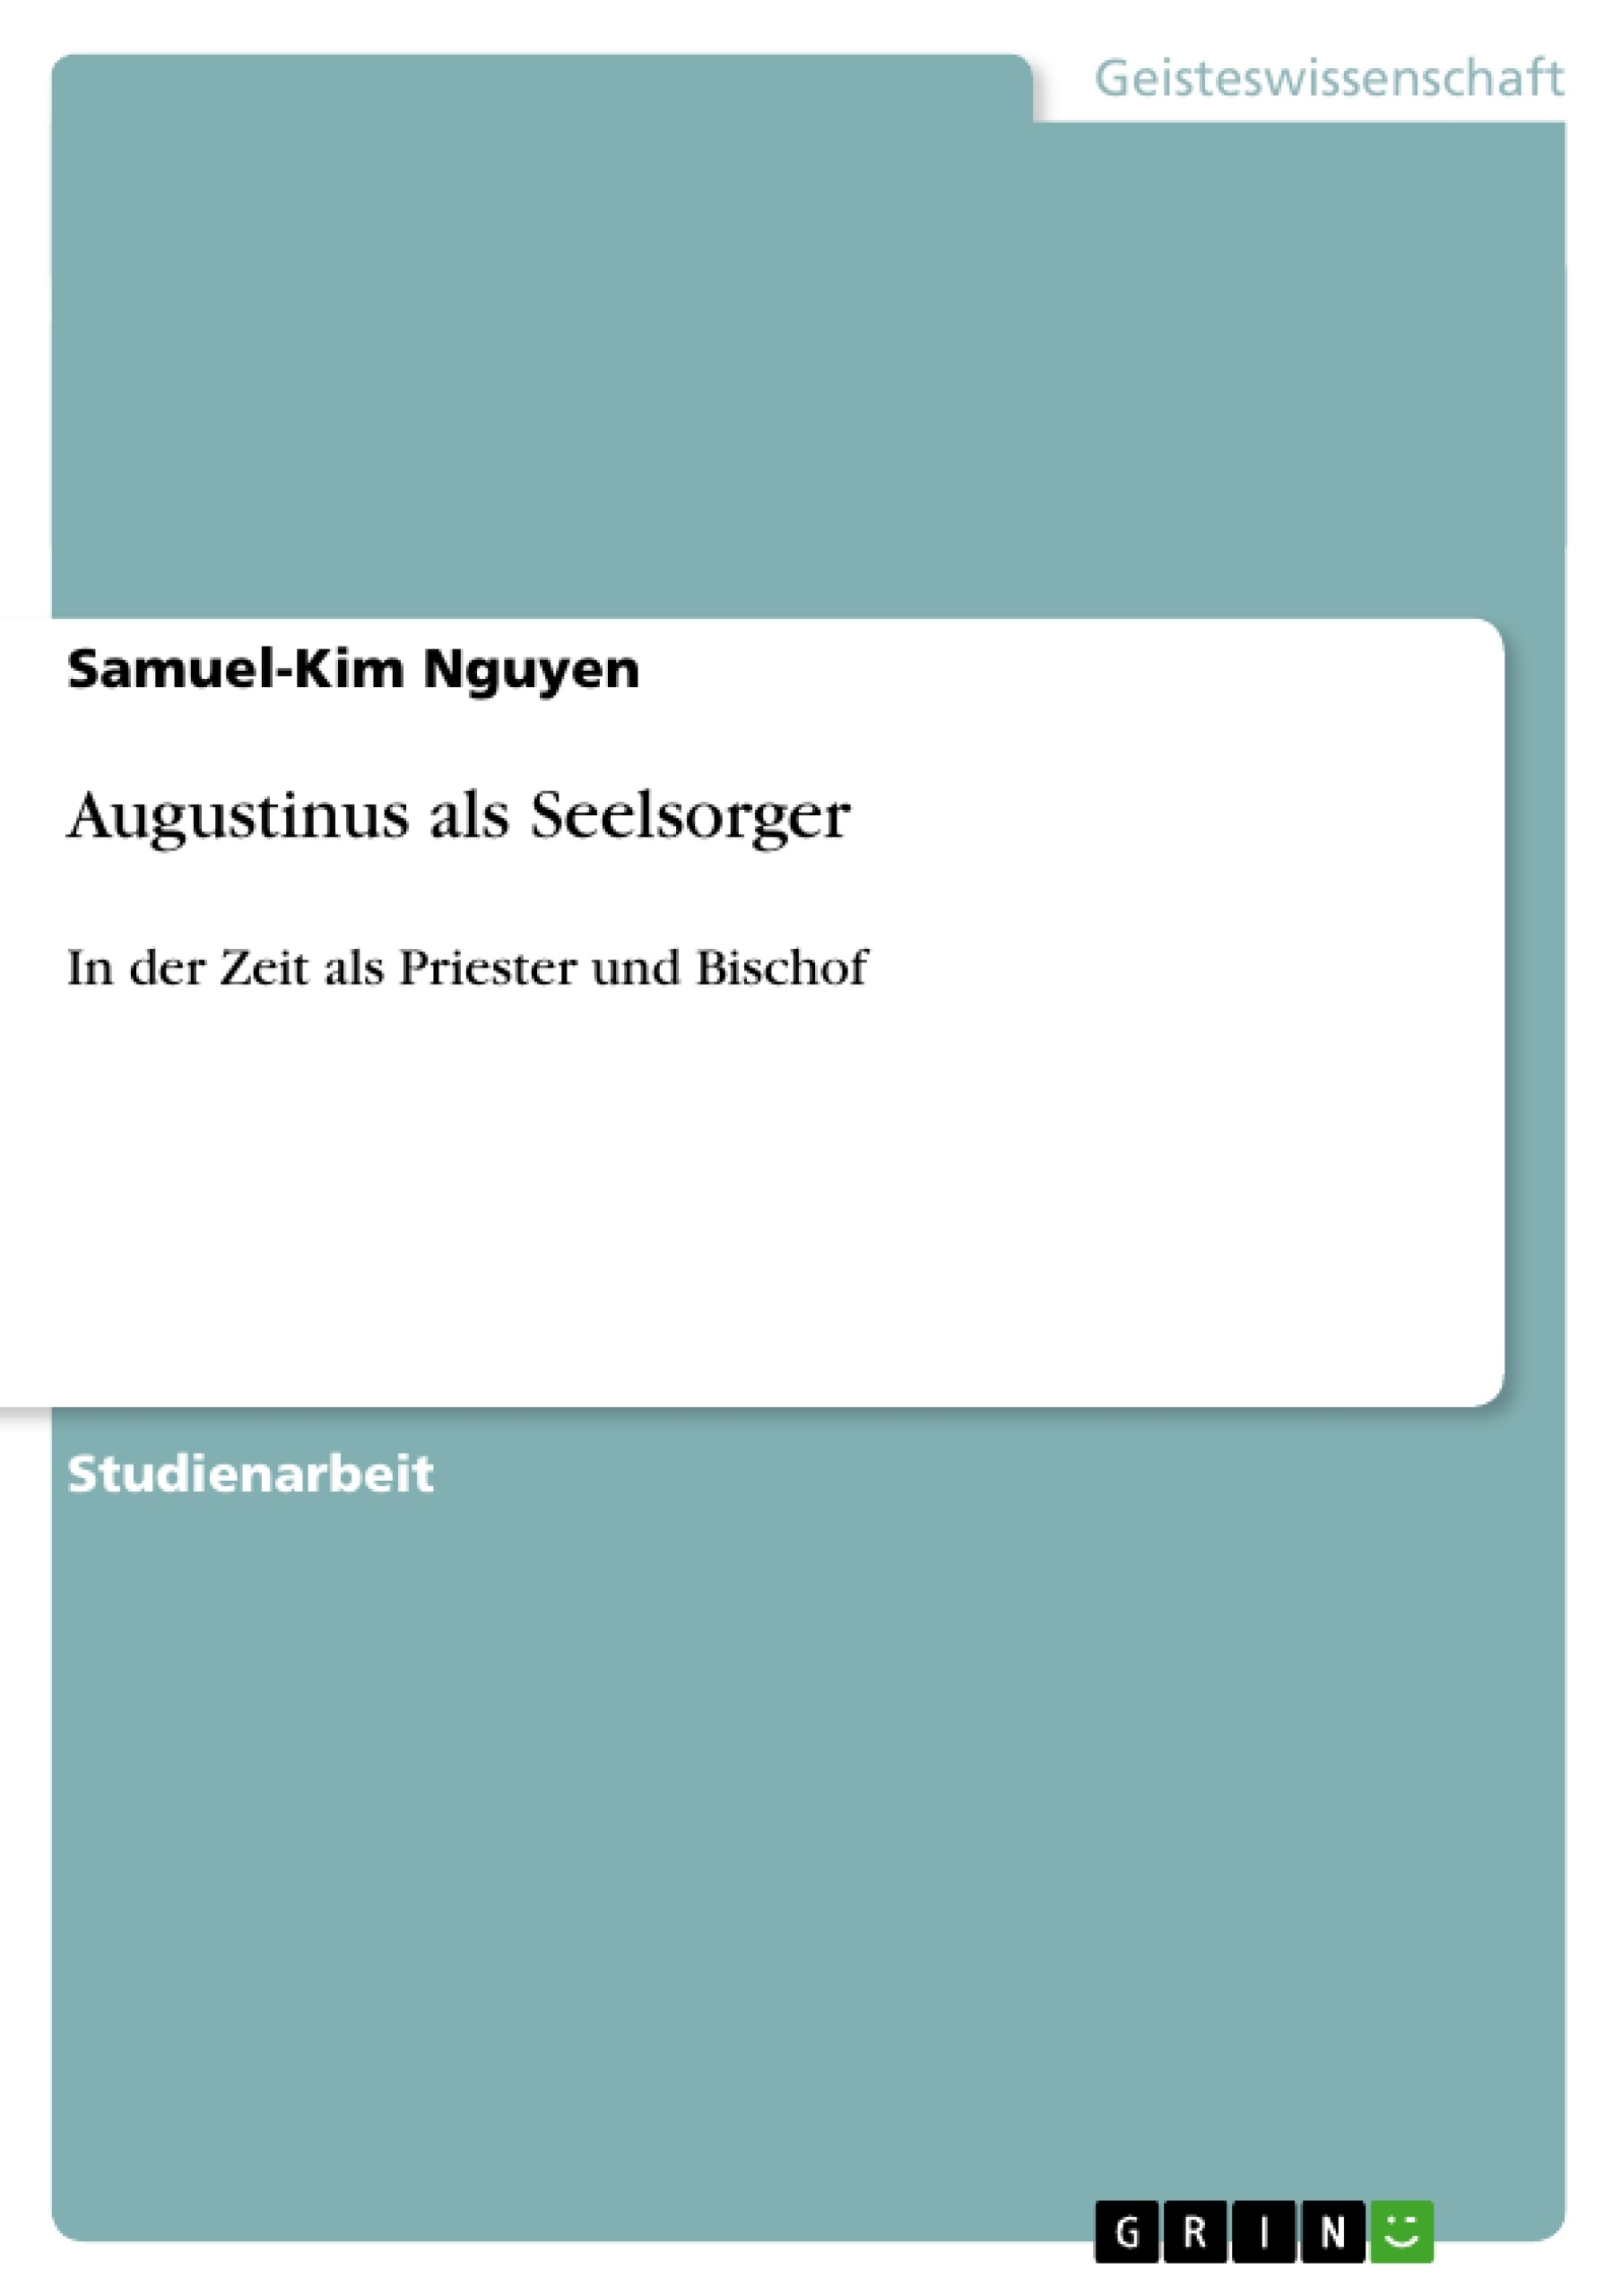 Titel: Augustinus als Seelsorger